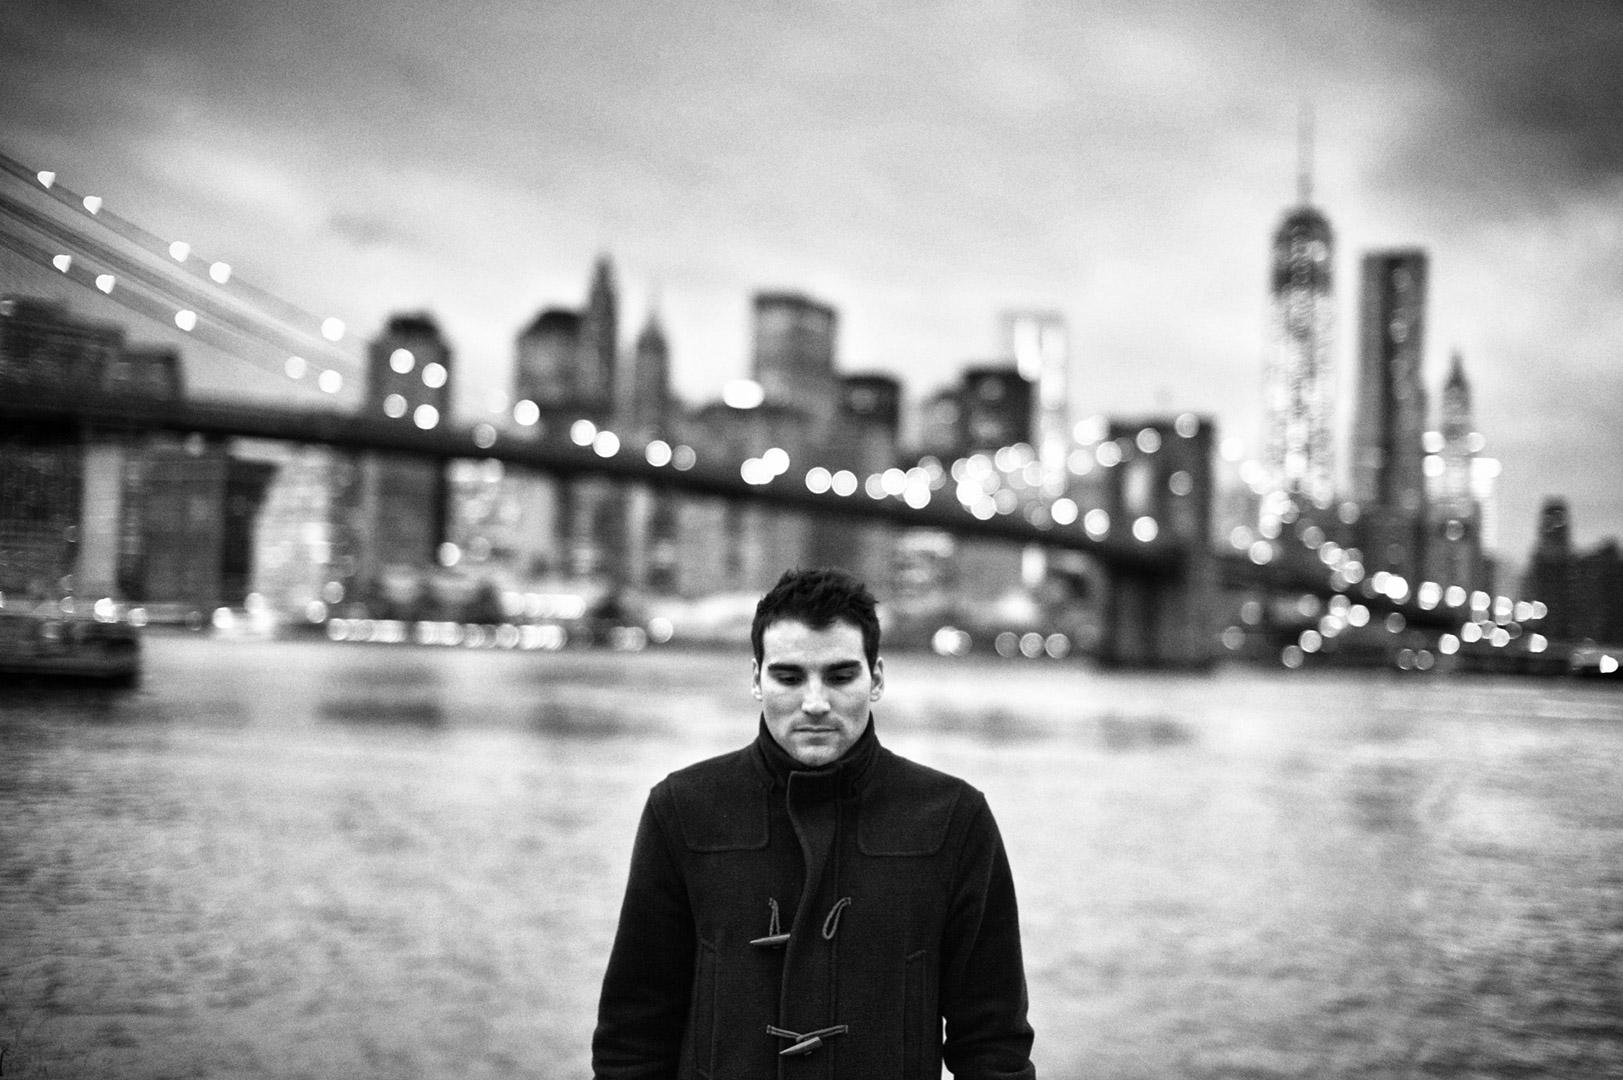 Retratos/New York